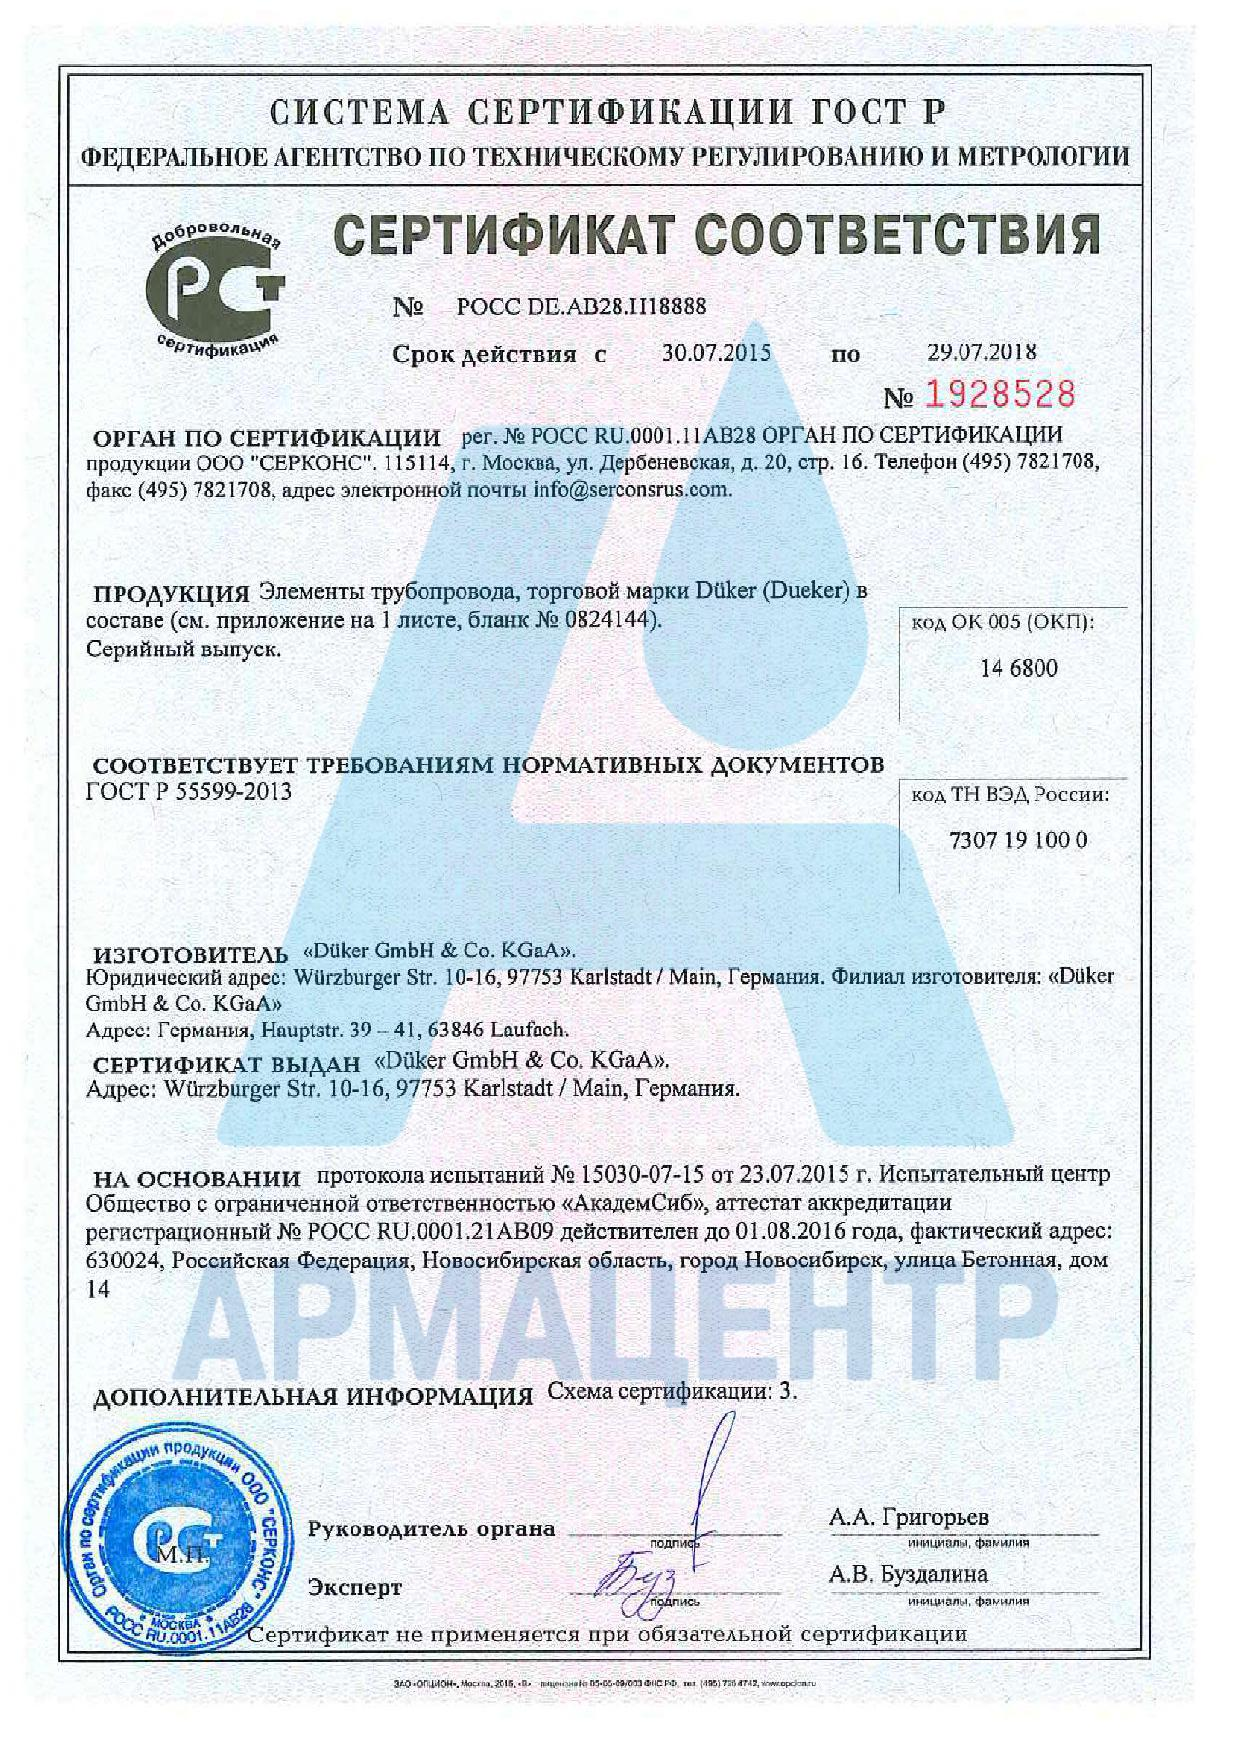 Сертификат соответствия ГОСТ